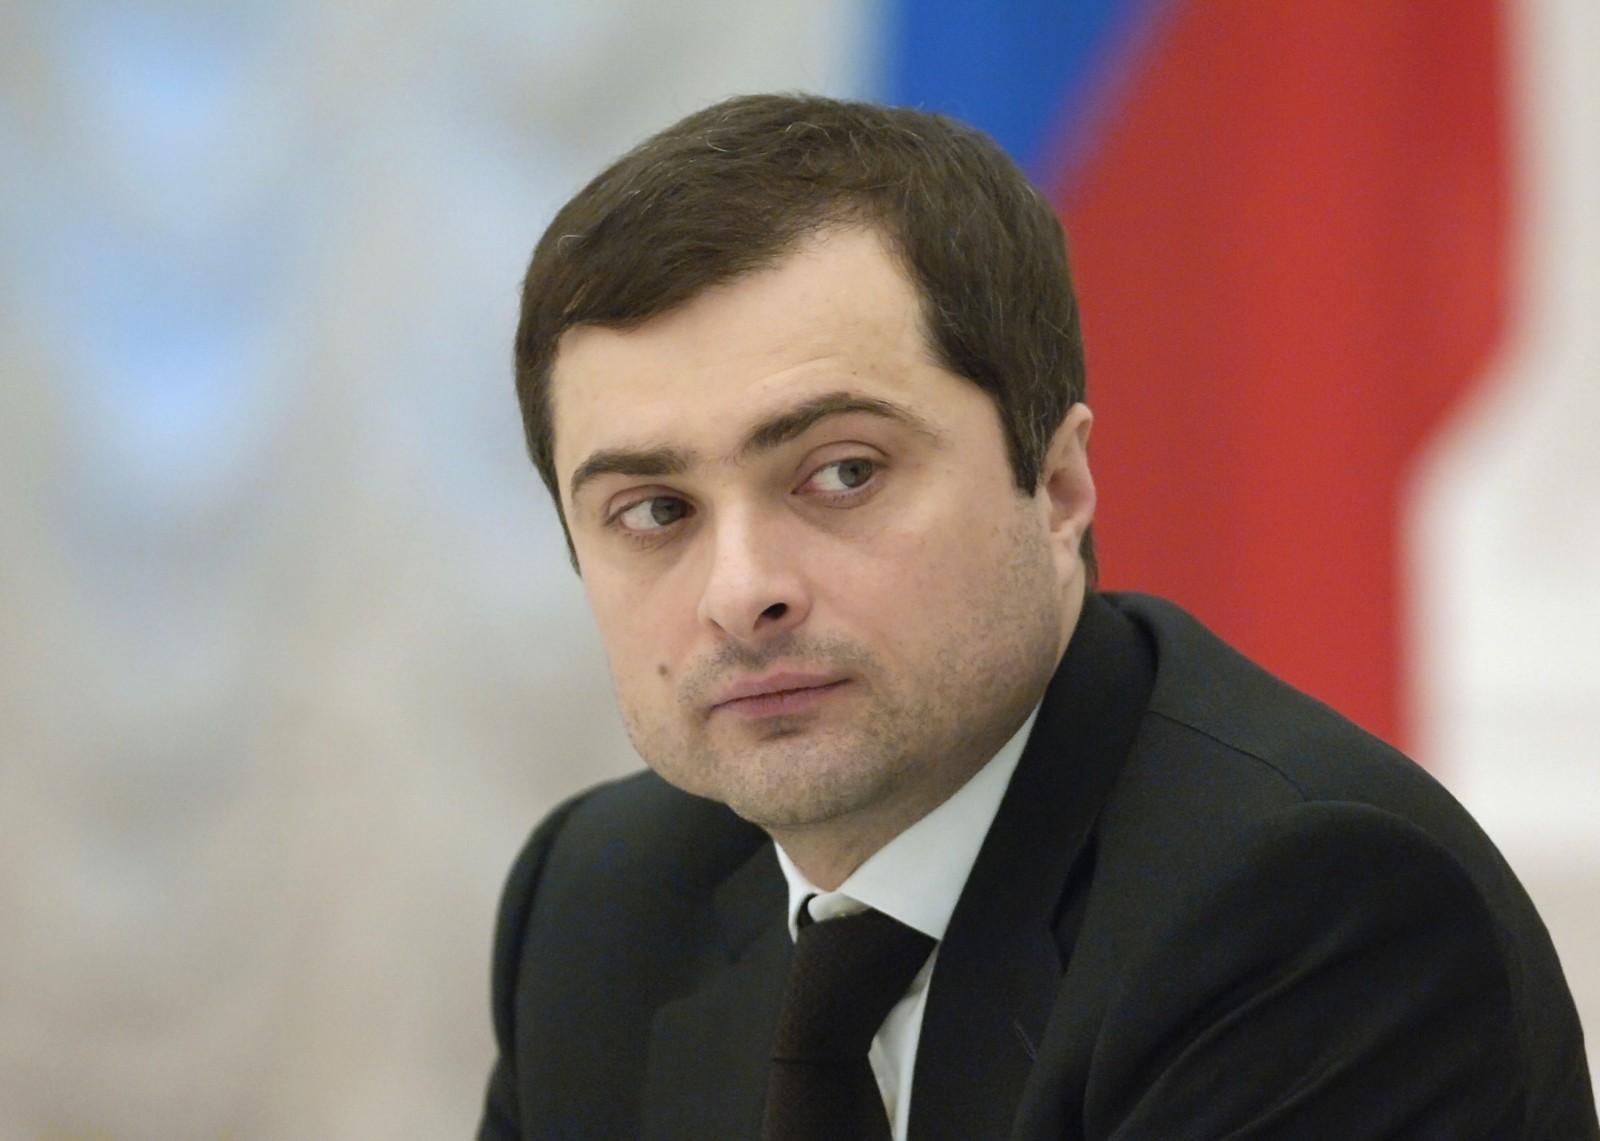 Сурков поручил Никифорову взять СМЭВ под личную ответственность